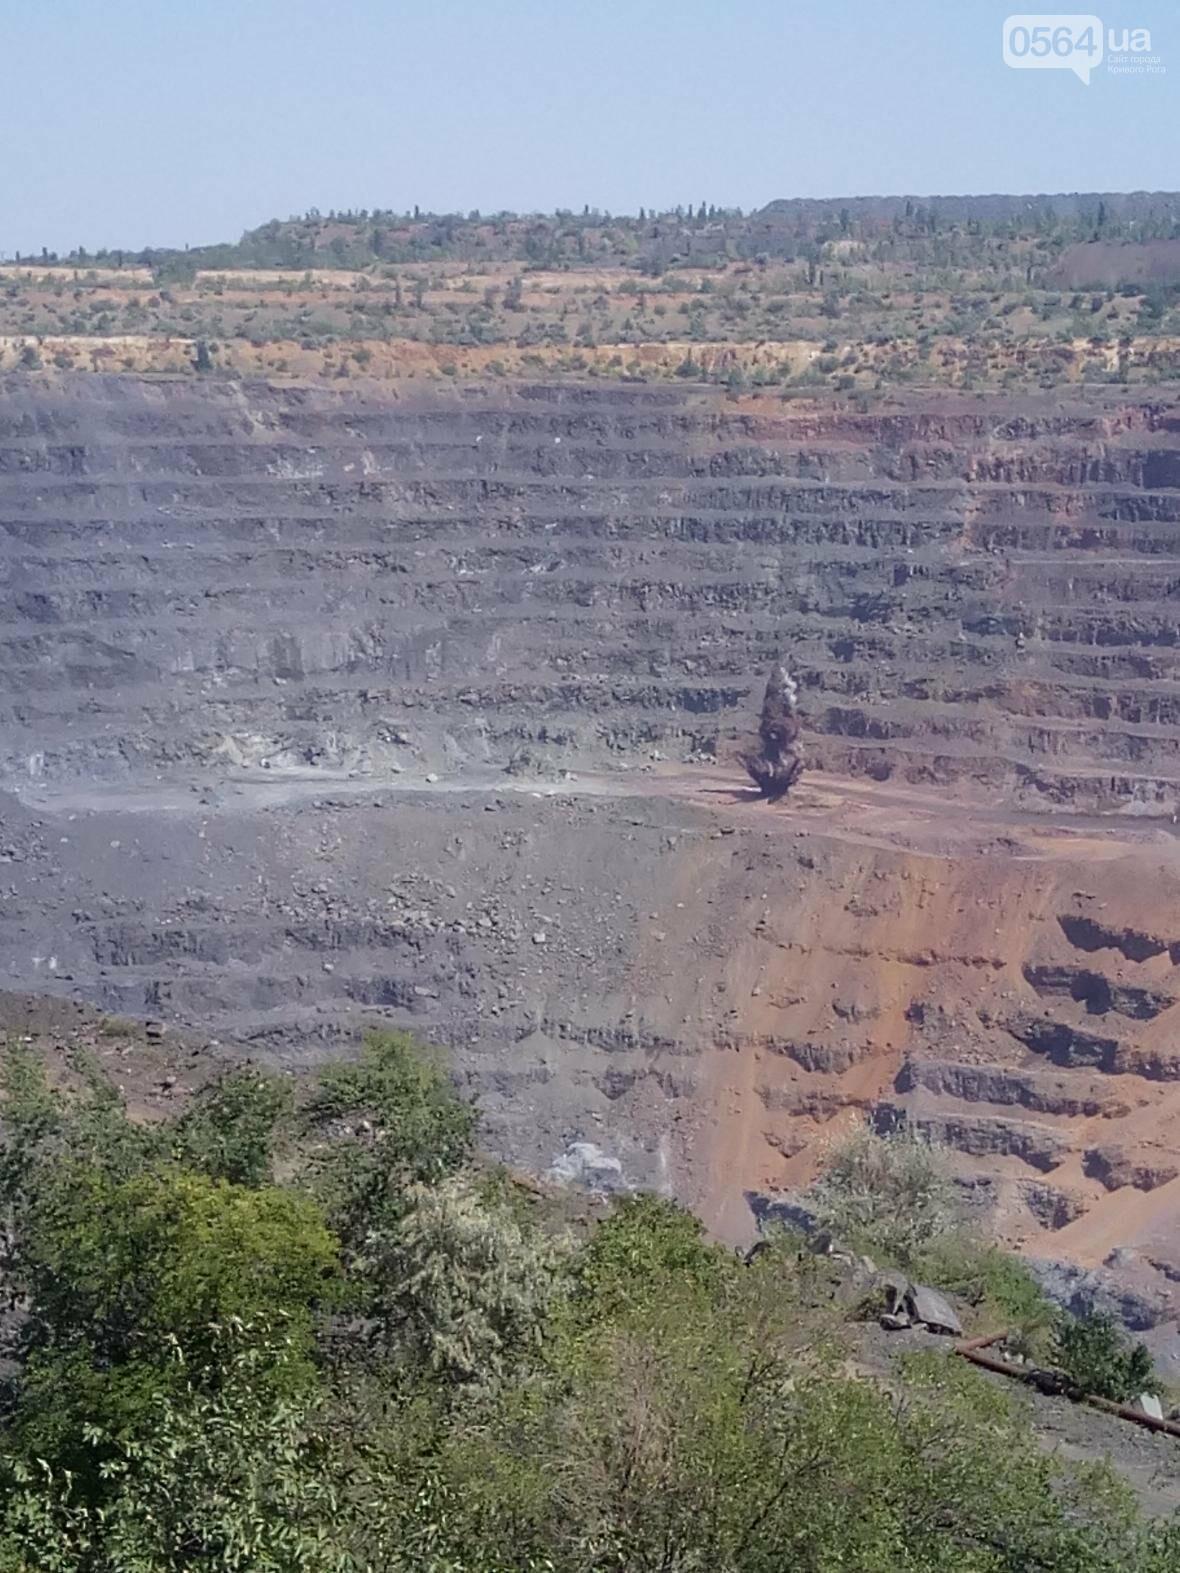 Горноспасатели взорвали в криворожском карьере 300 тонн взрывчатых веществ (ФОТО), фото-3